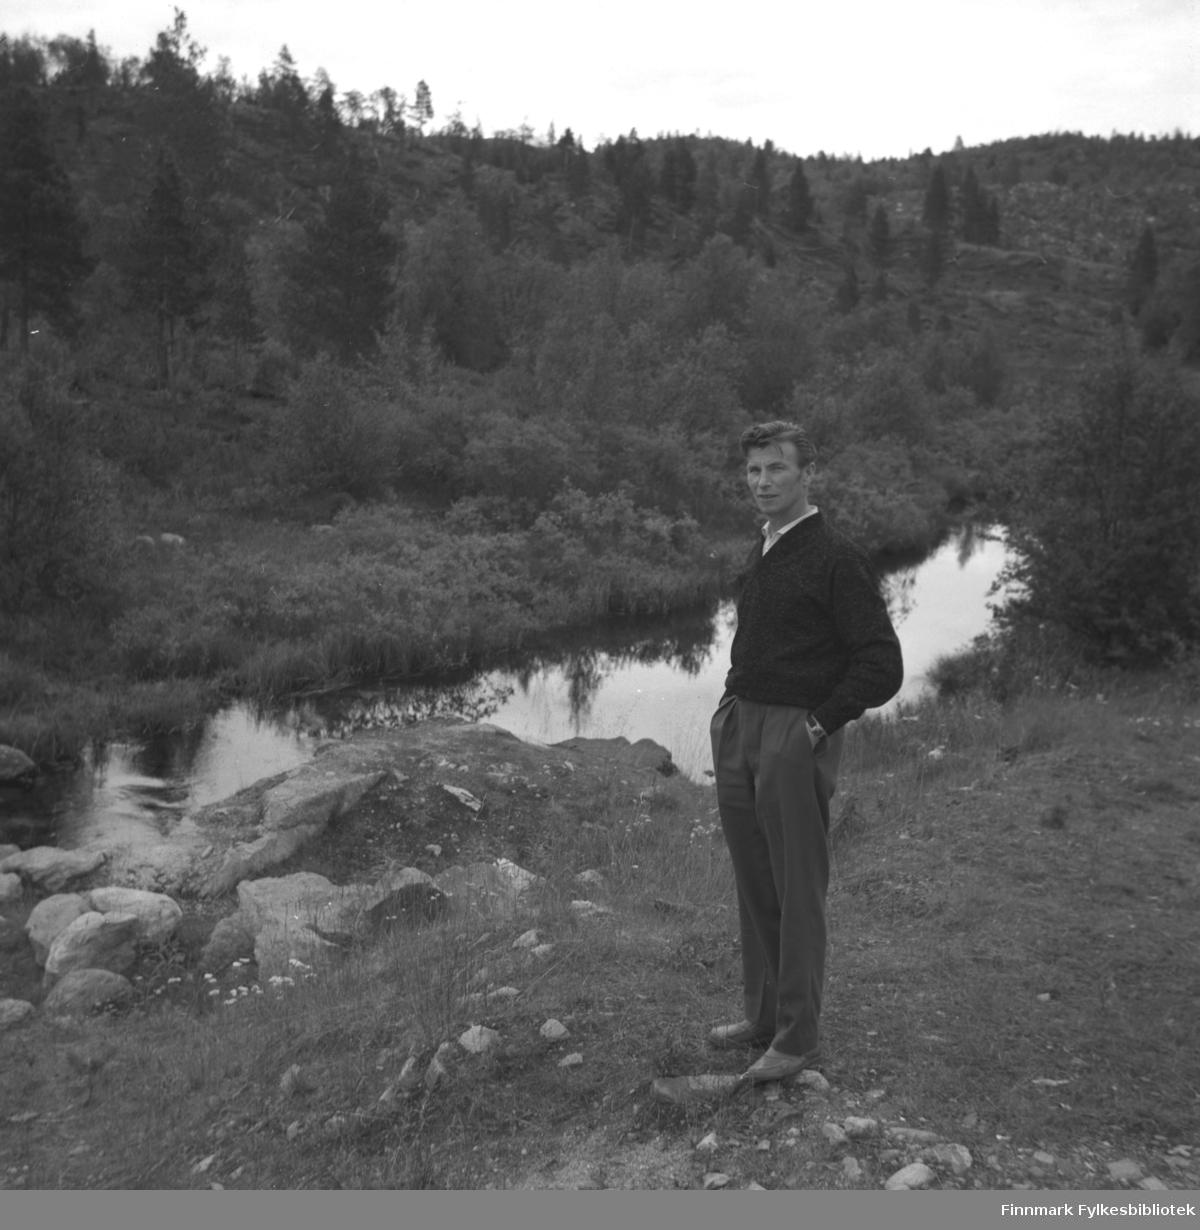 Eino Drannem fotografert foran en liten vannpytt, muligens i Neiden.